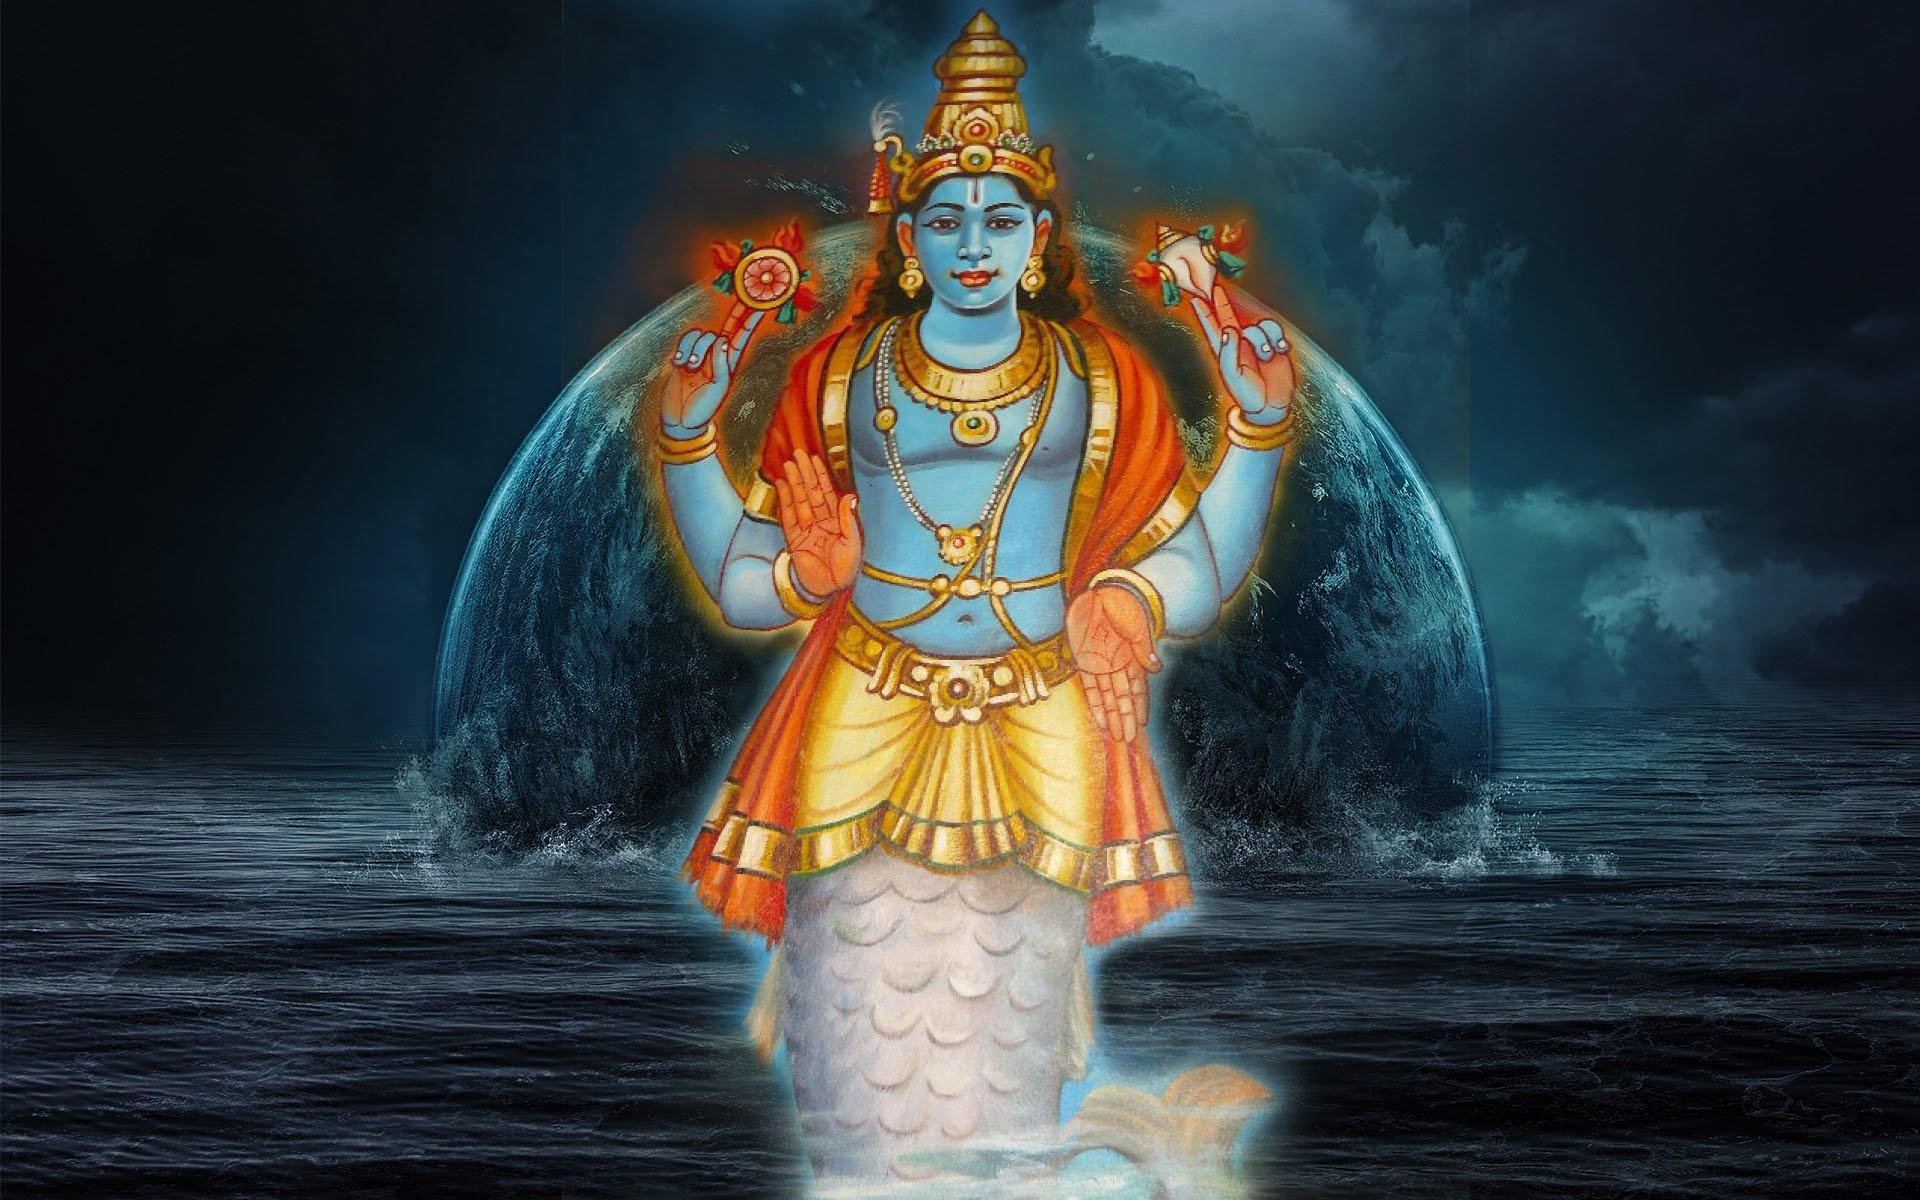 PunjabKesari, Matsya dwadashi 2019, Lord vishnu avatar, first avatar of lord vishnu, Matsya dwadashi special, Religious story in hindi, religious concept, matsya avatar, Matsya Avtar pujan, Lord Matsya Pujan, Lord Matsya Special mantra